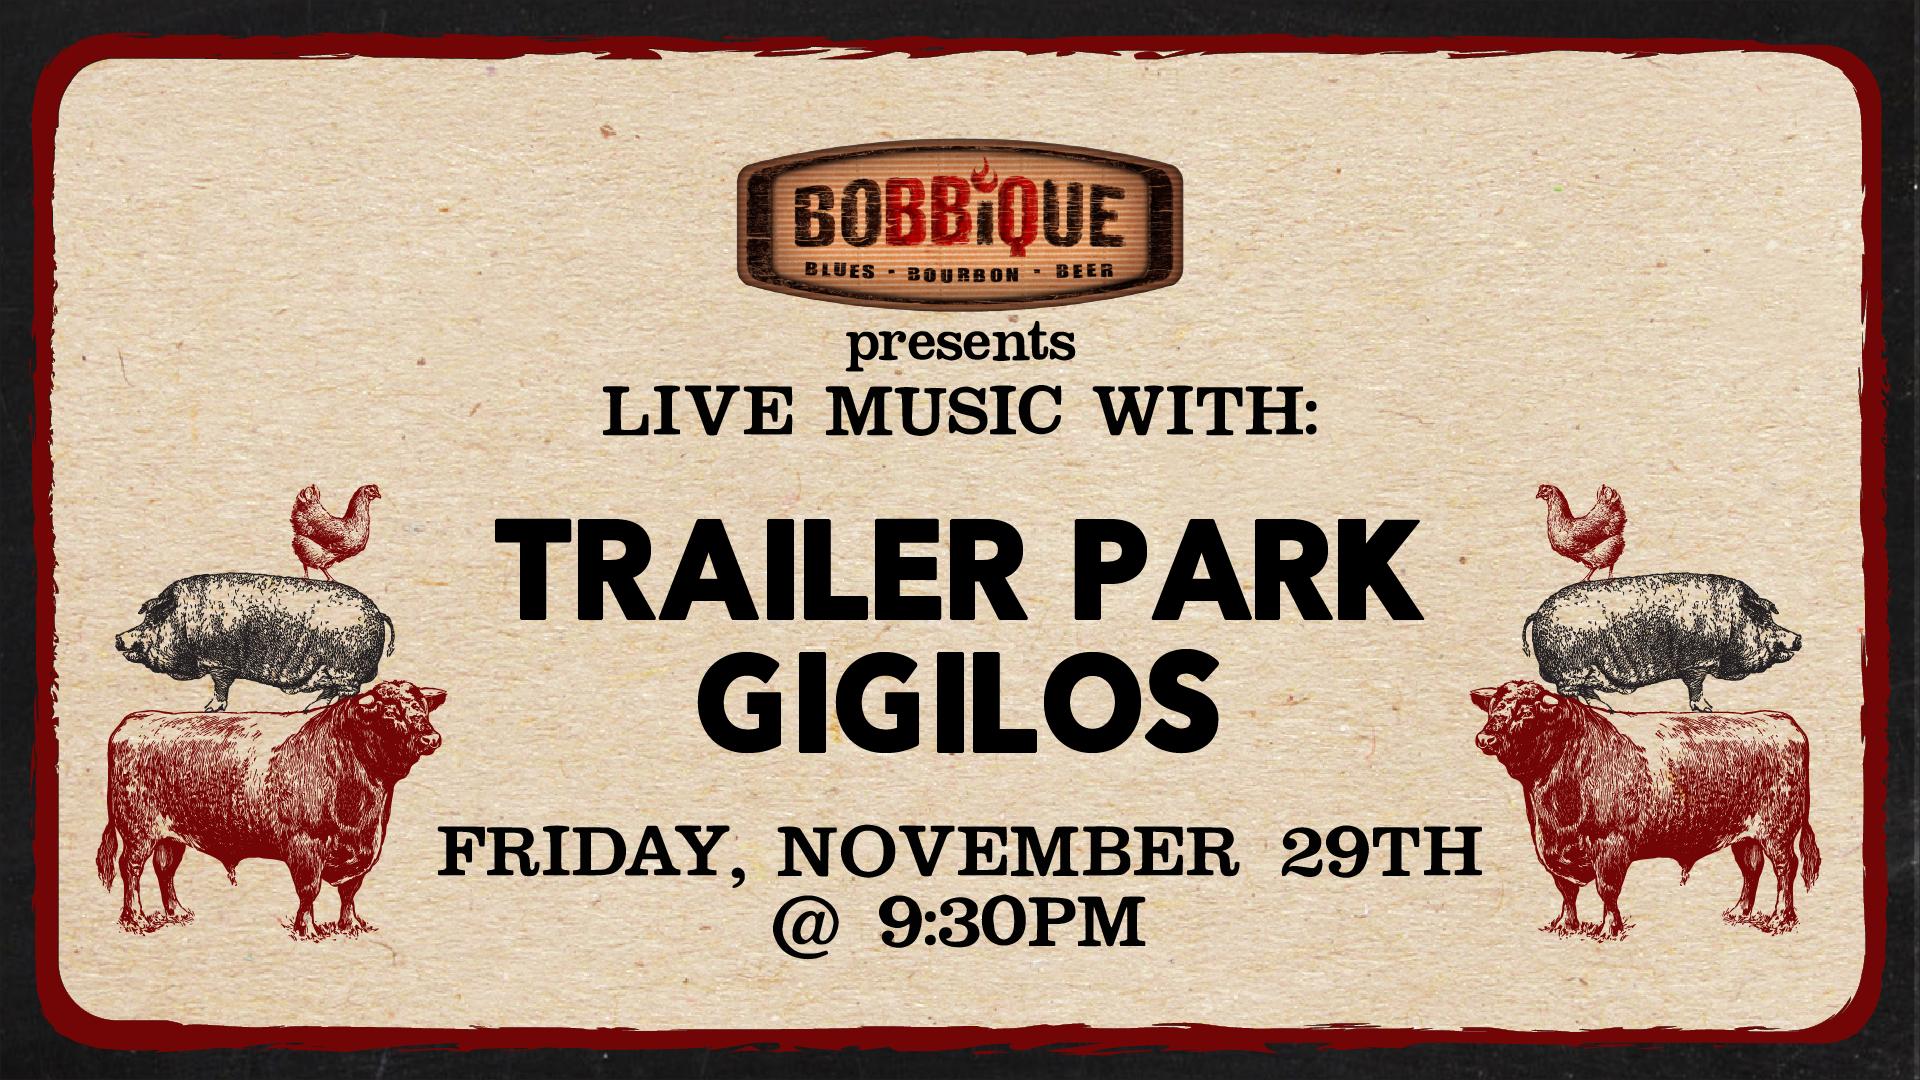 Trailer Park Gigilos